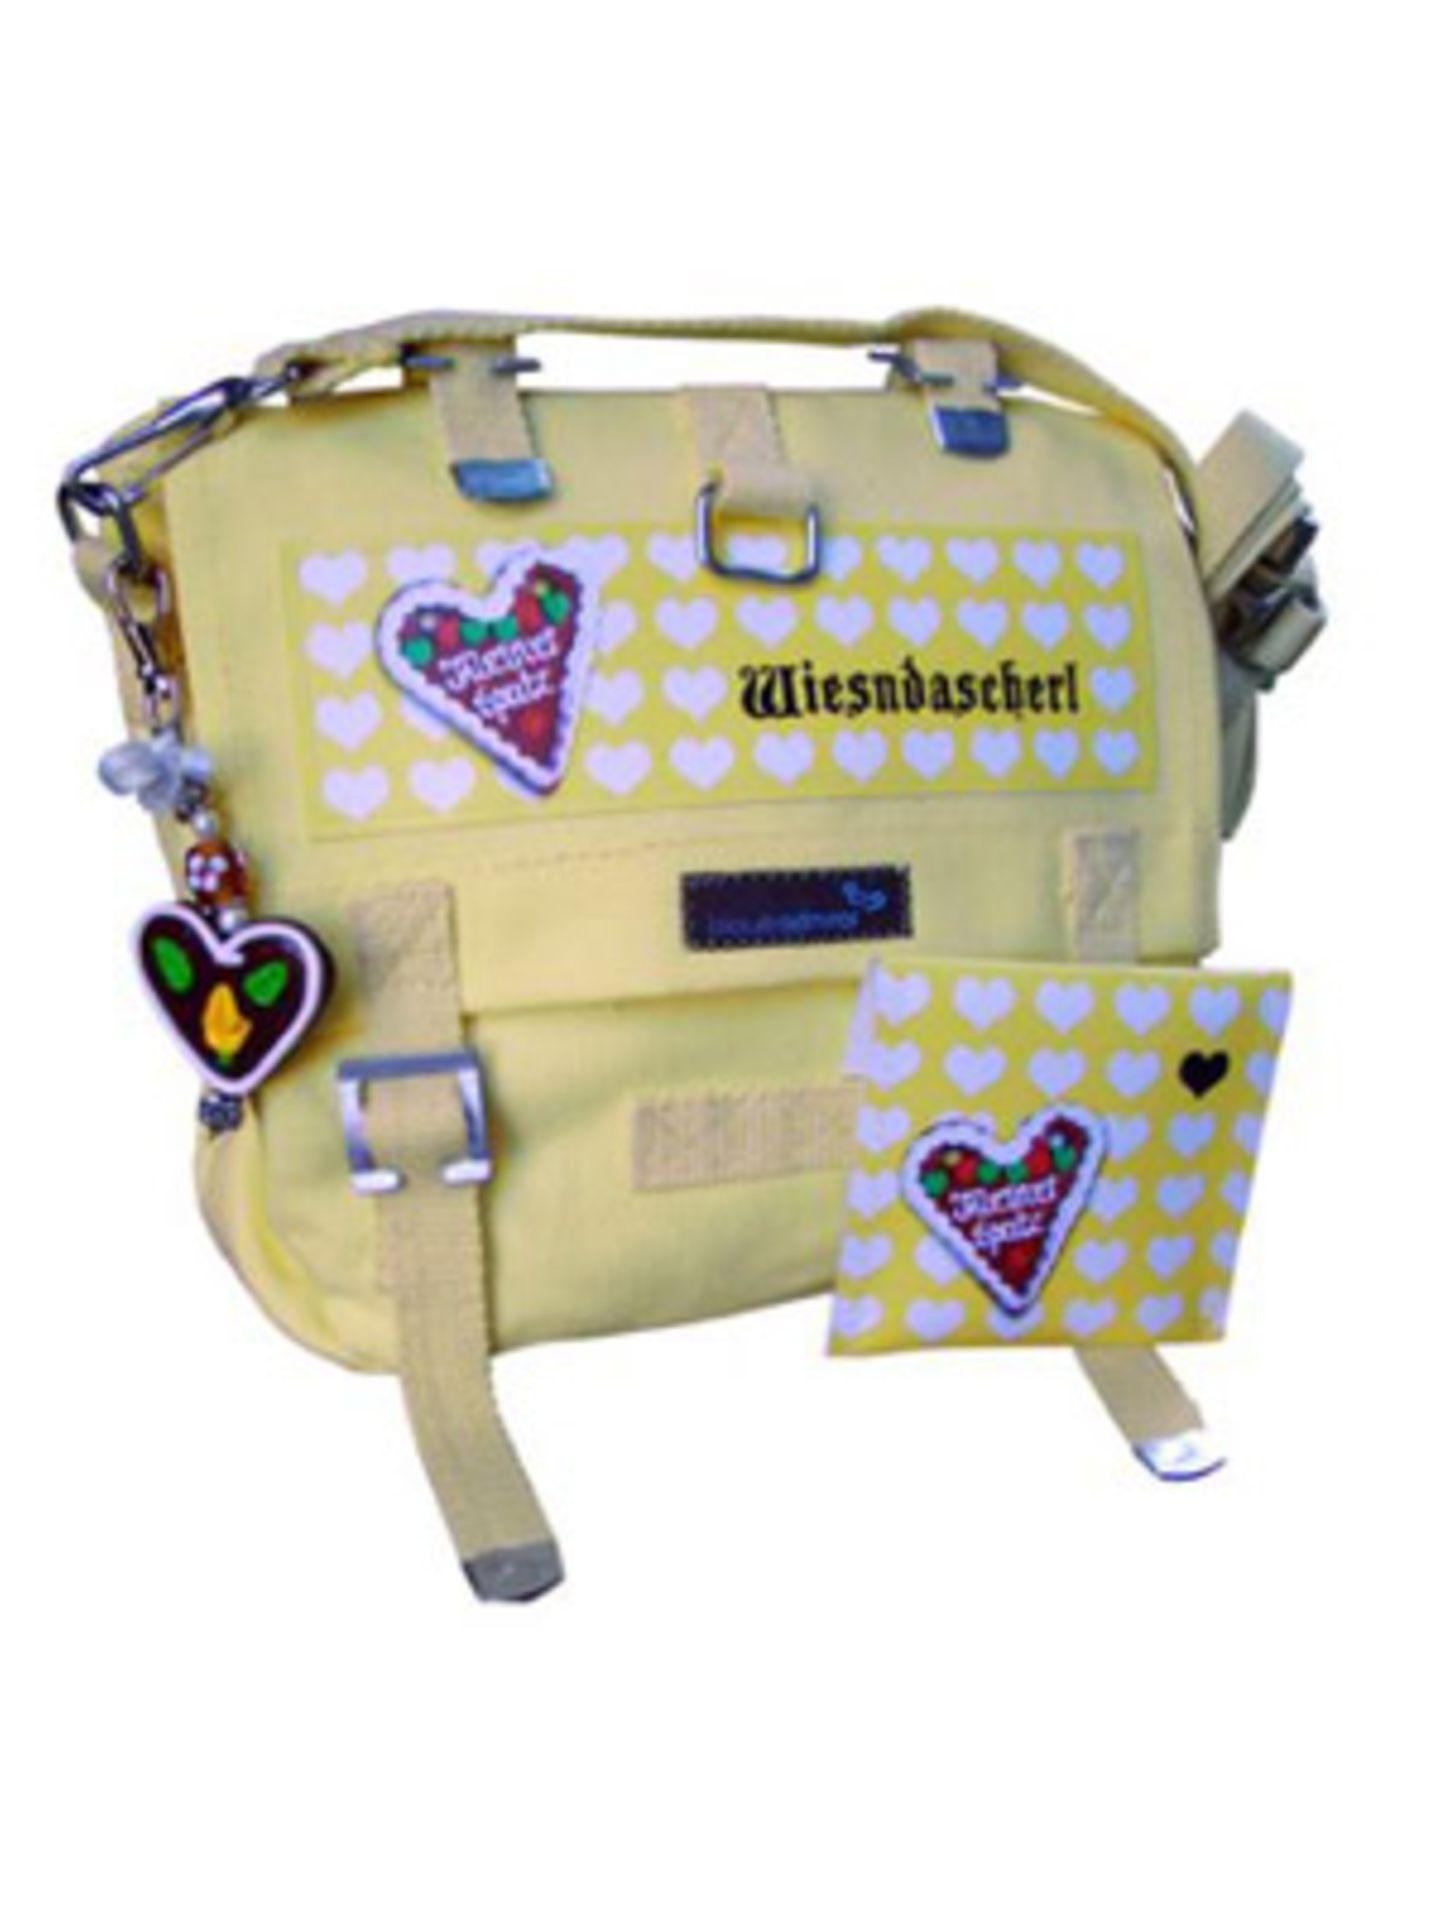 """Offizielles """"Wiesndascherl"""" für jedes Fashion-Victim. Um 50 Euro. Über www.dailyobsessions.com."""